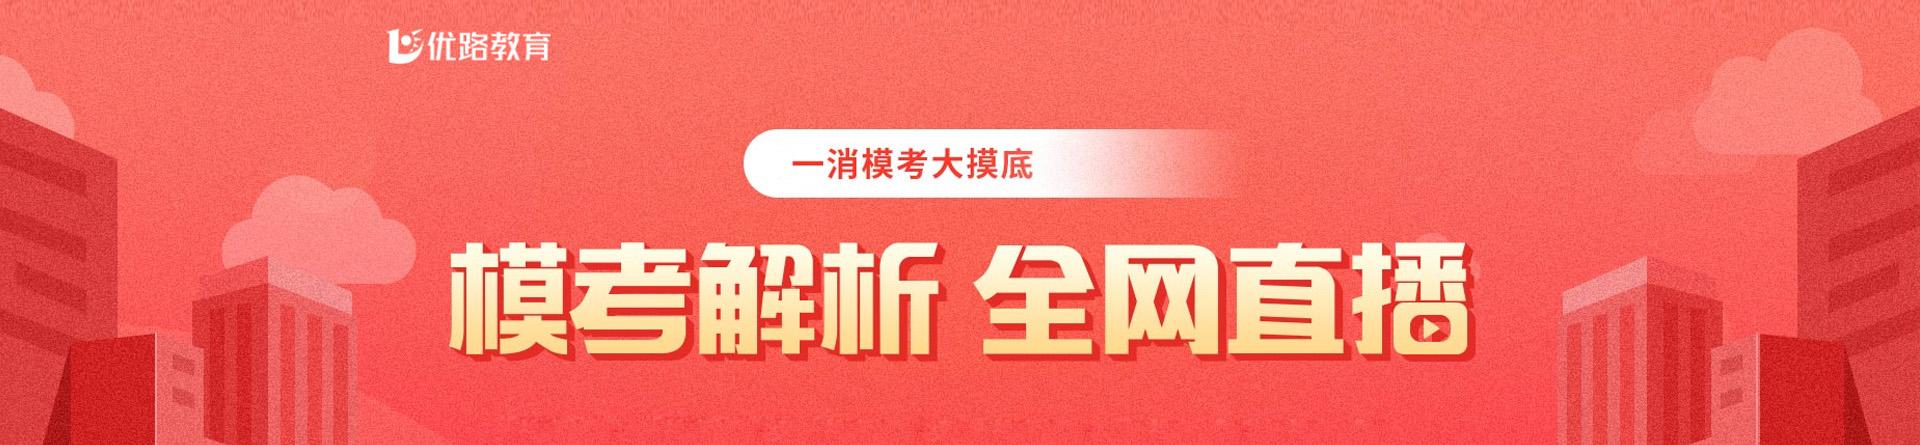 云南大理优路教育培训学校